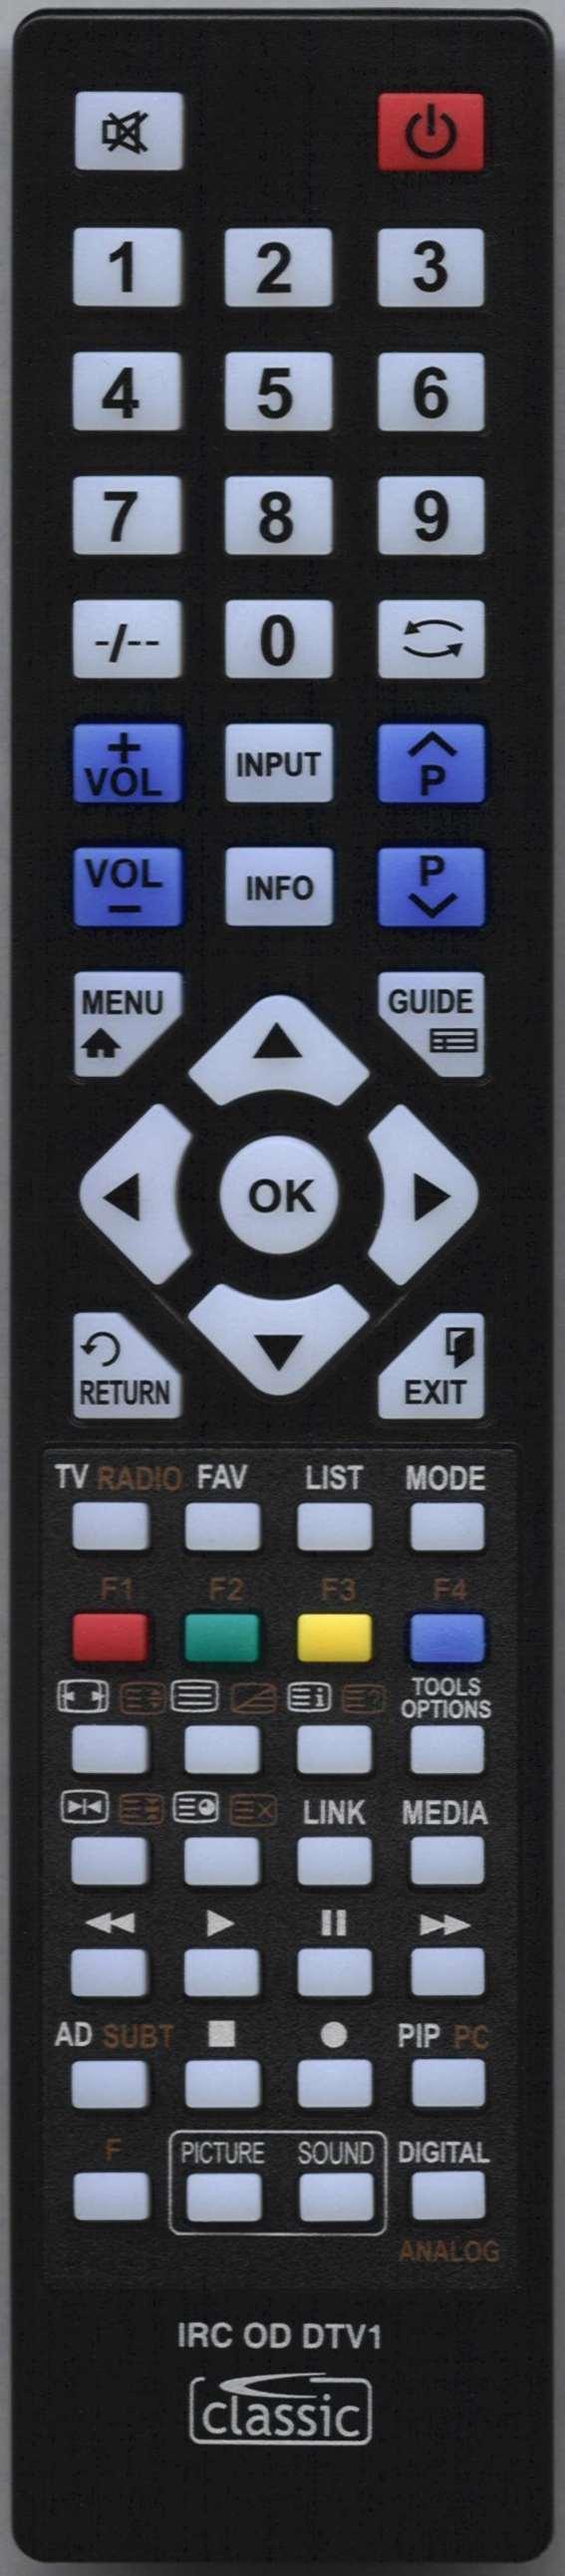 POLAROID P43UP0117A Remote Control